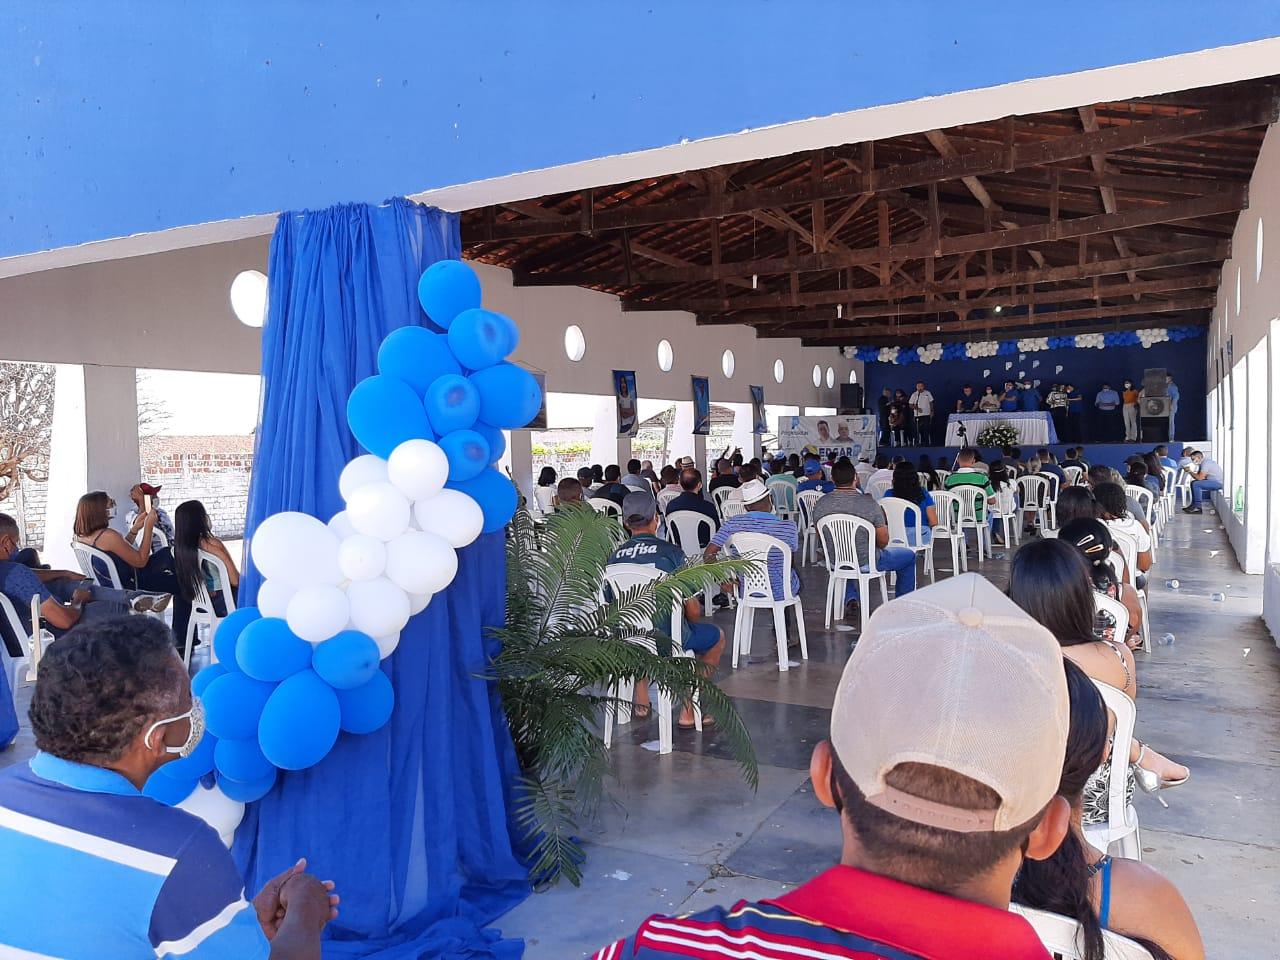 PP realiza convenção e lança Edgar Castelo Branco e Mundô em Santa Rosa-PI 3